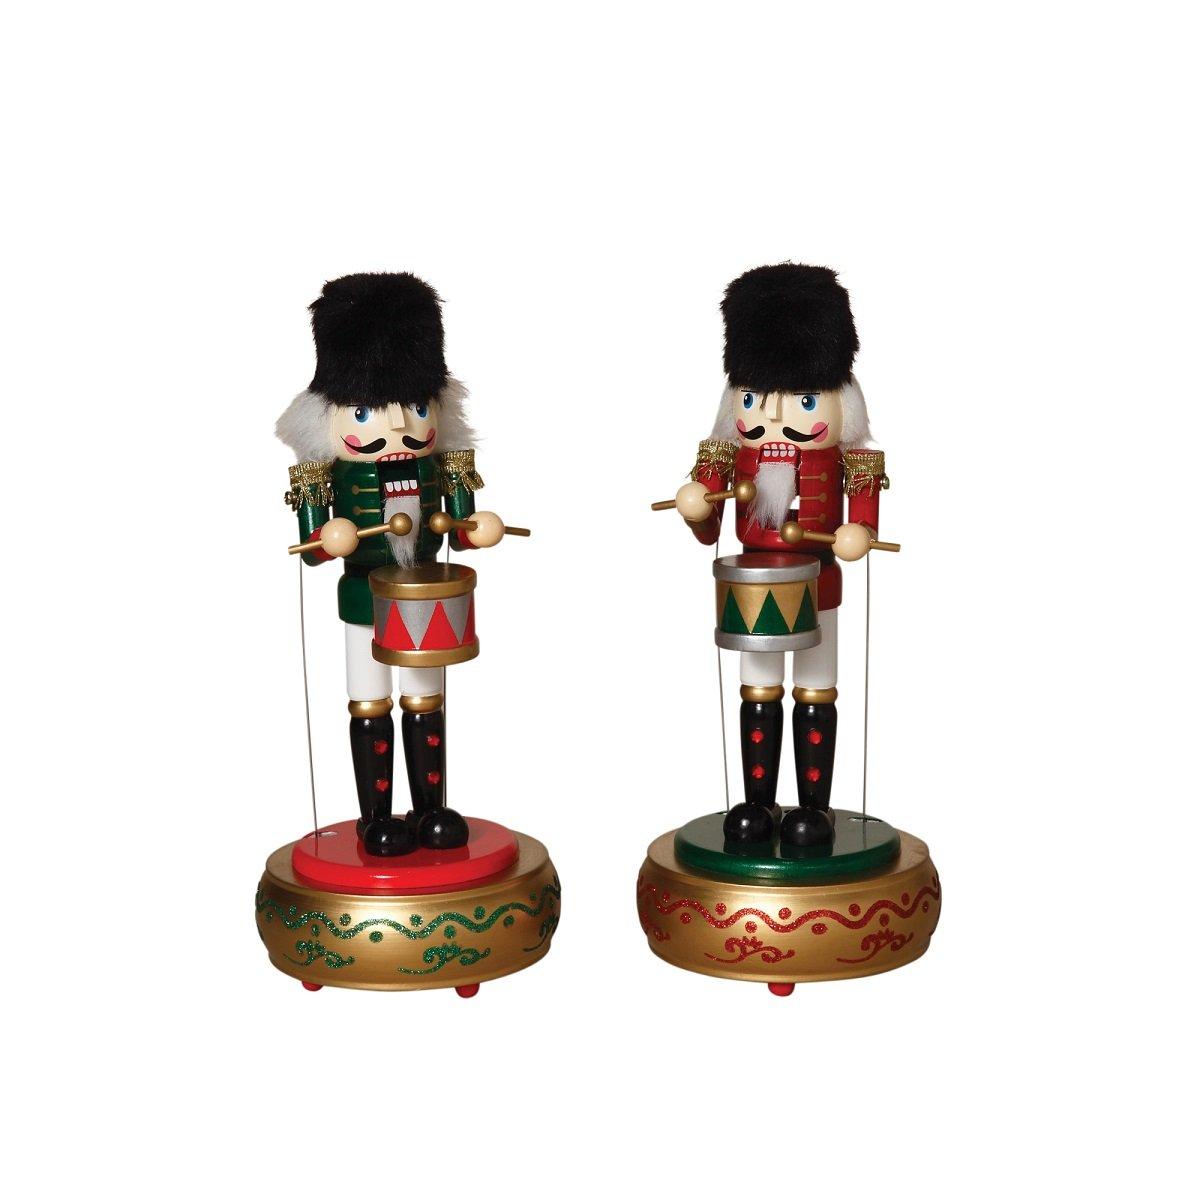 絶妙なデザイン ワインドアップMusical Moving NutcrackersクリスマスCollectible Figurines Figurines B018NBTAR6 Decorセット Decorセット B018NBTAR6, 激安/新作:68fe93ad --- arcego.dominiotemporario.com